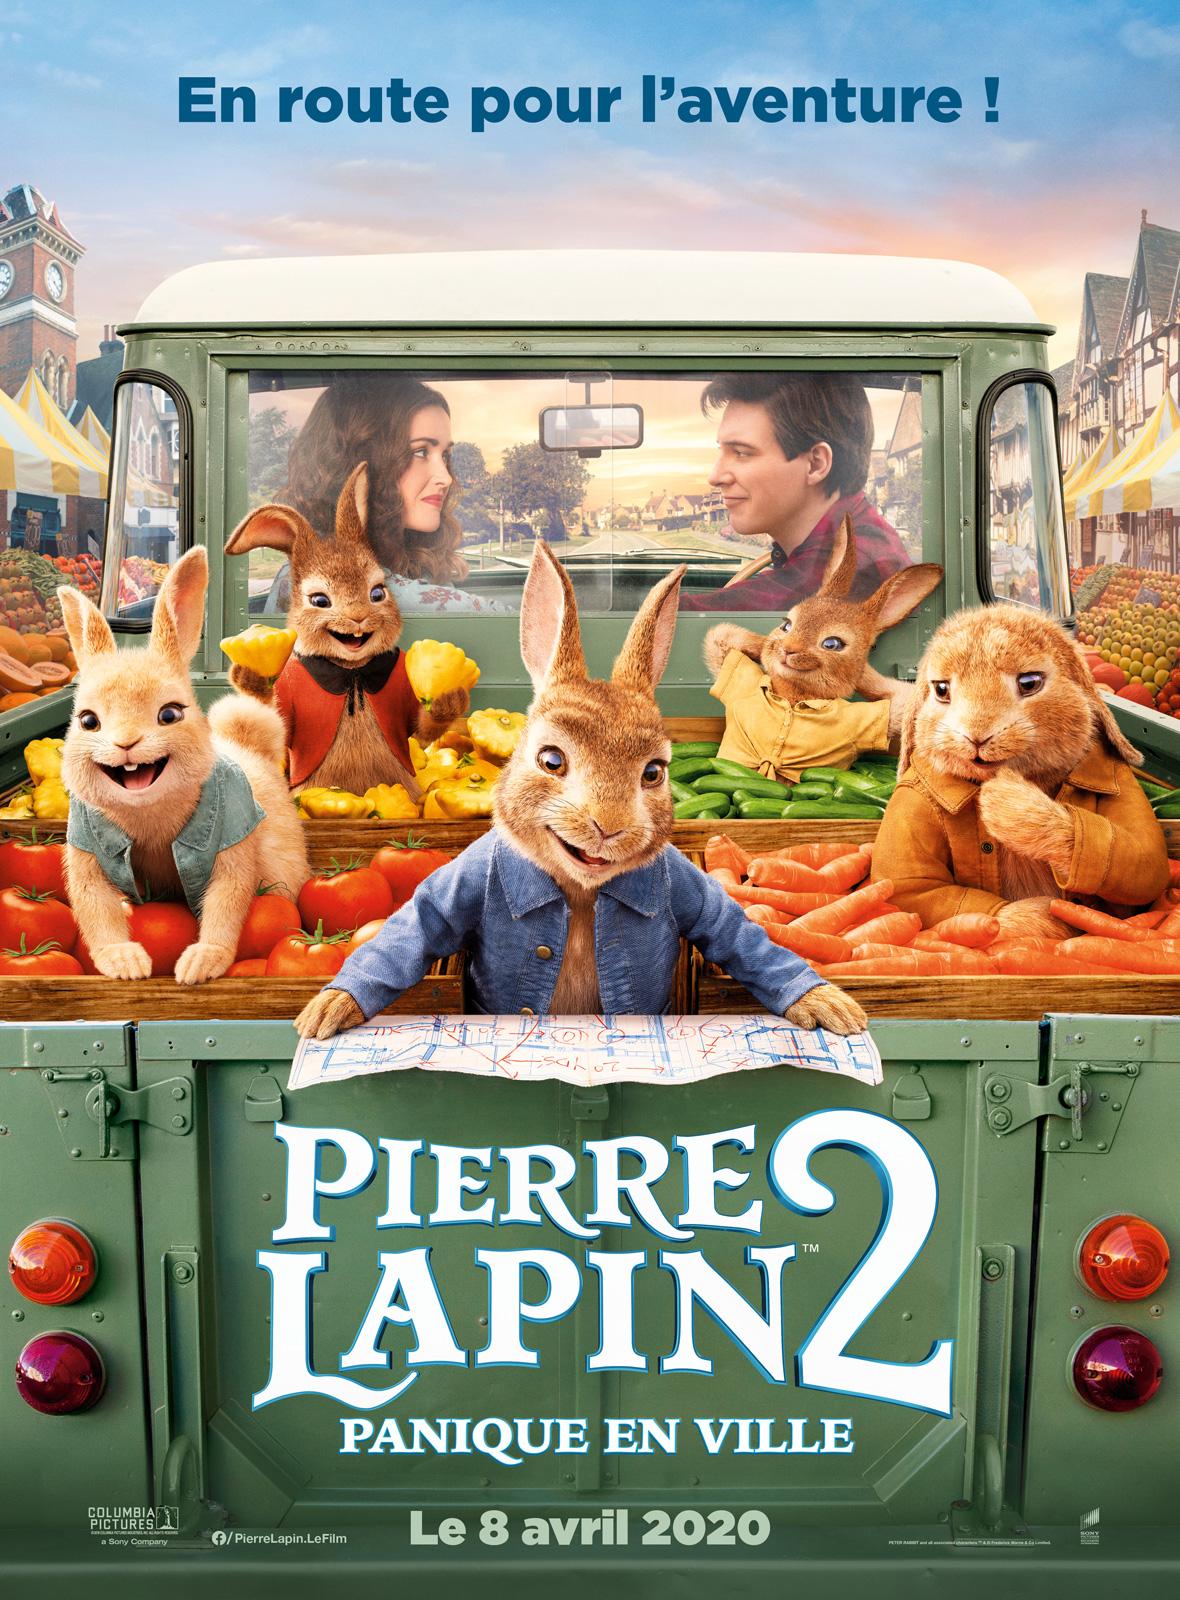 Image du film Pierre Lapin 2 : Panique en ville